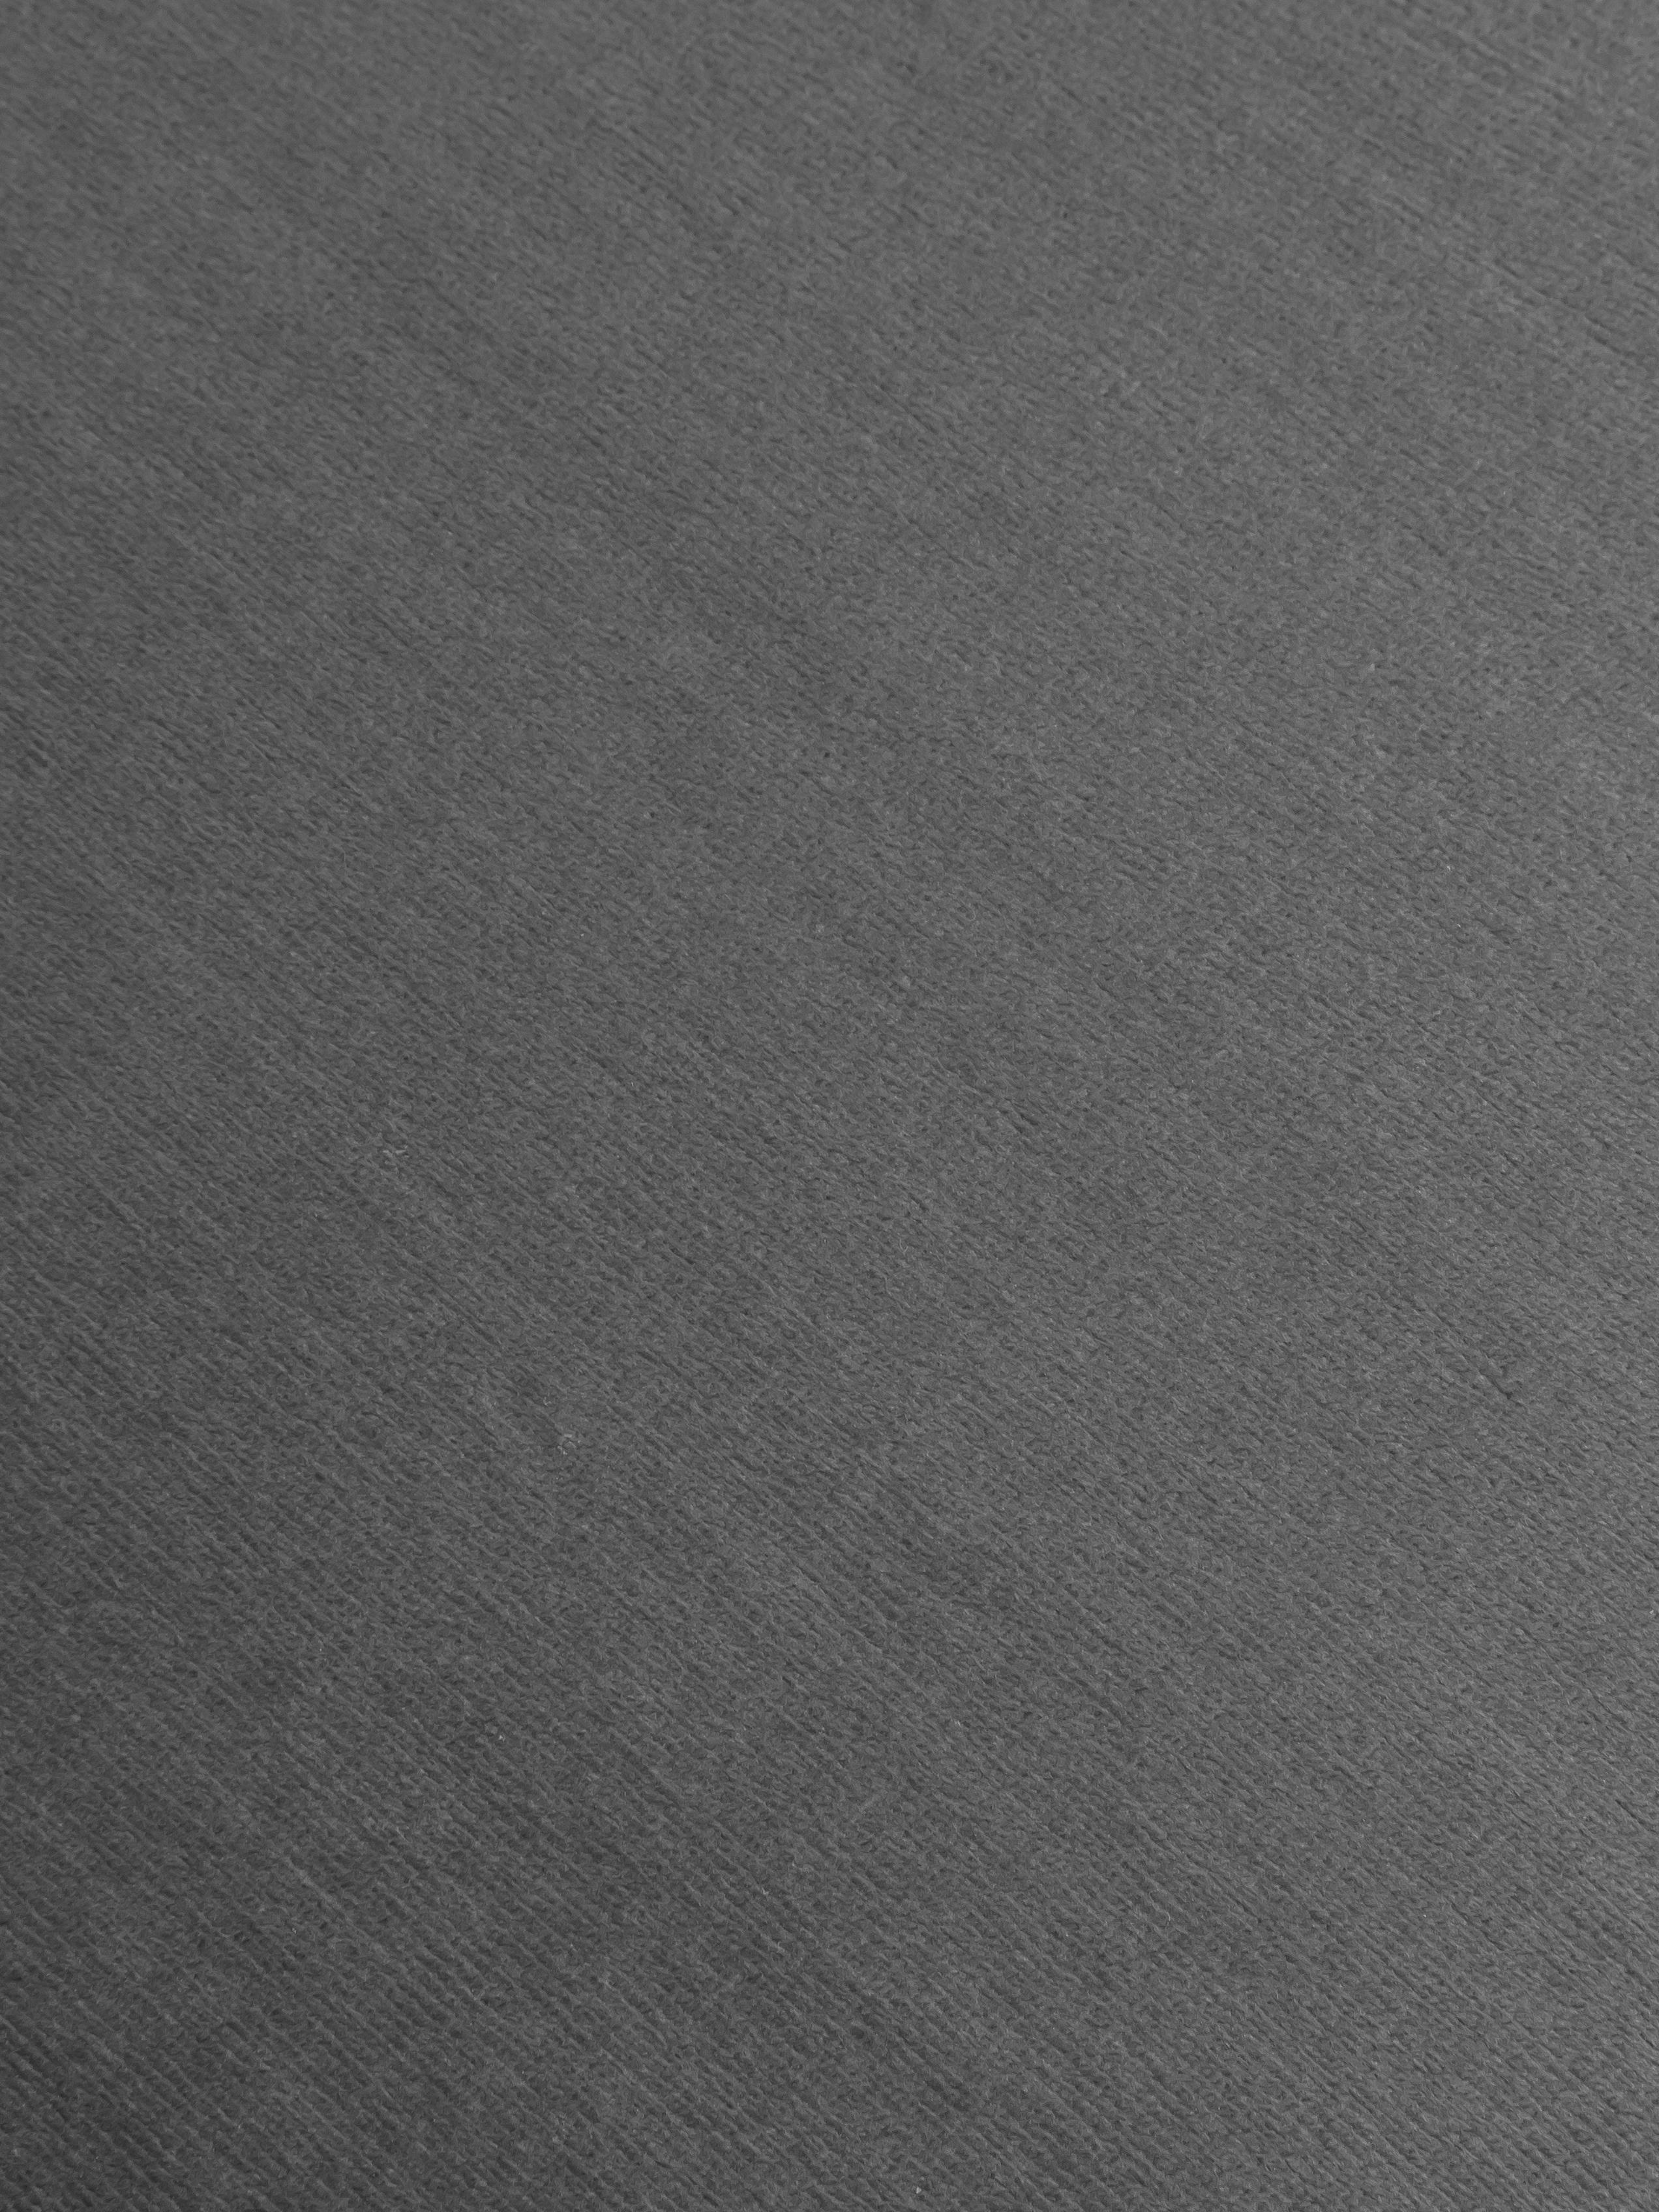 Silla con reposabrazos de terciopelo Rachel, Tapizado: terciopelo (poliéster) Al, Patas: metal con pintura en polv, Terciopelo gris, An 47 x F 64 cm